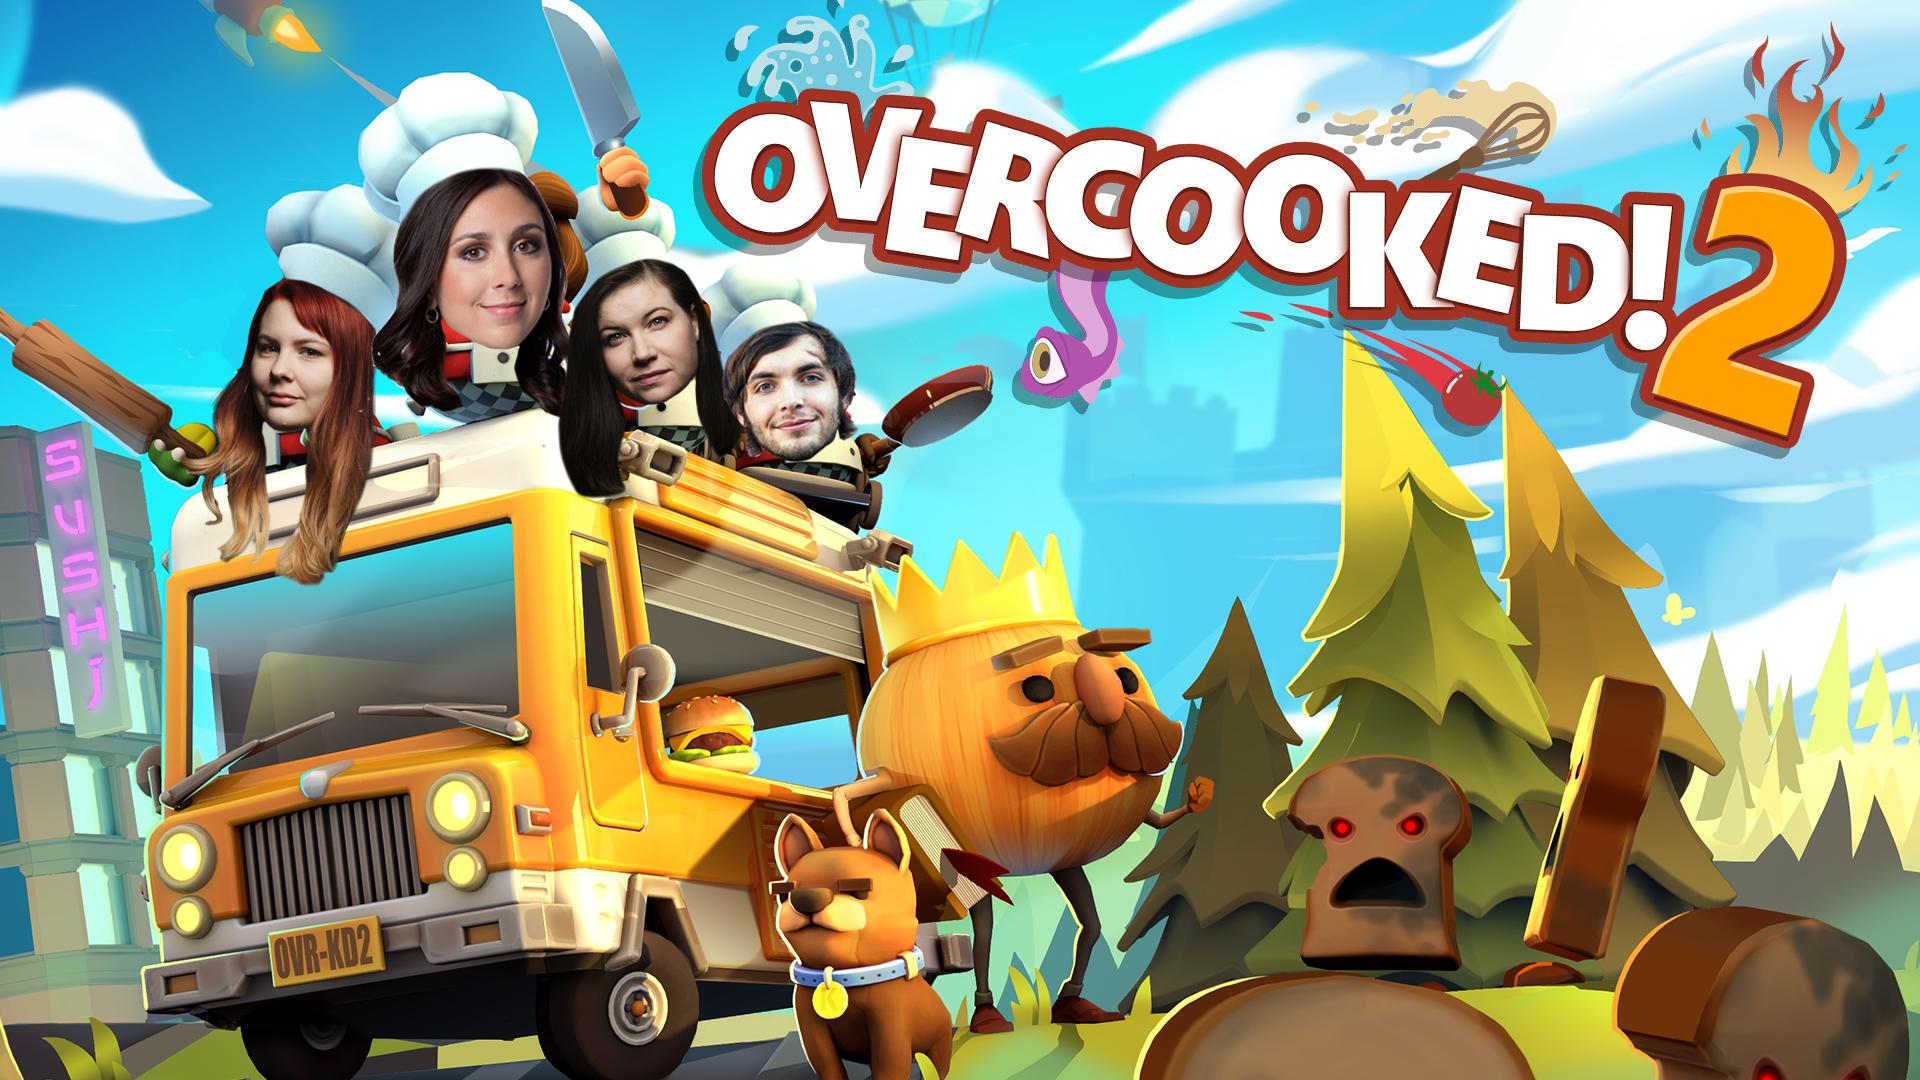 overcookedp3spel